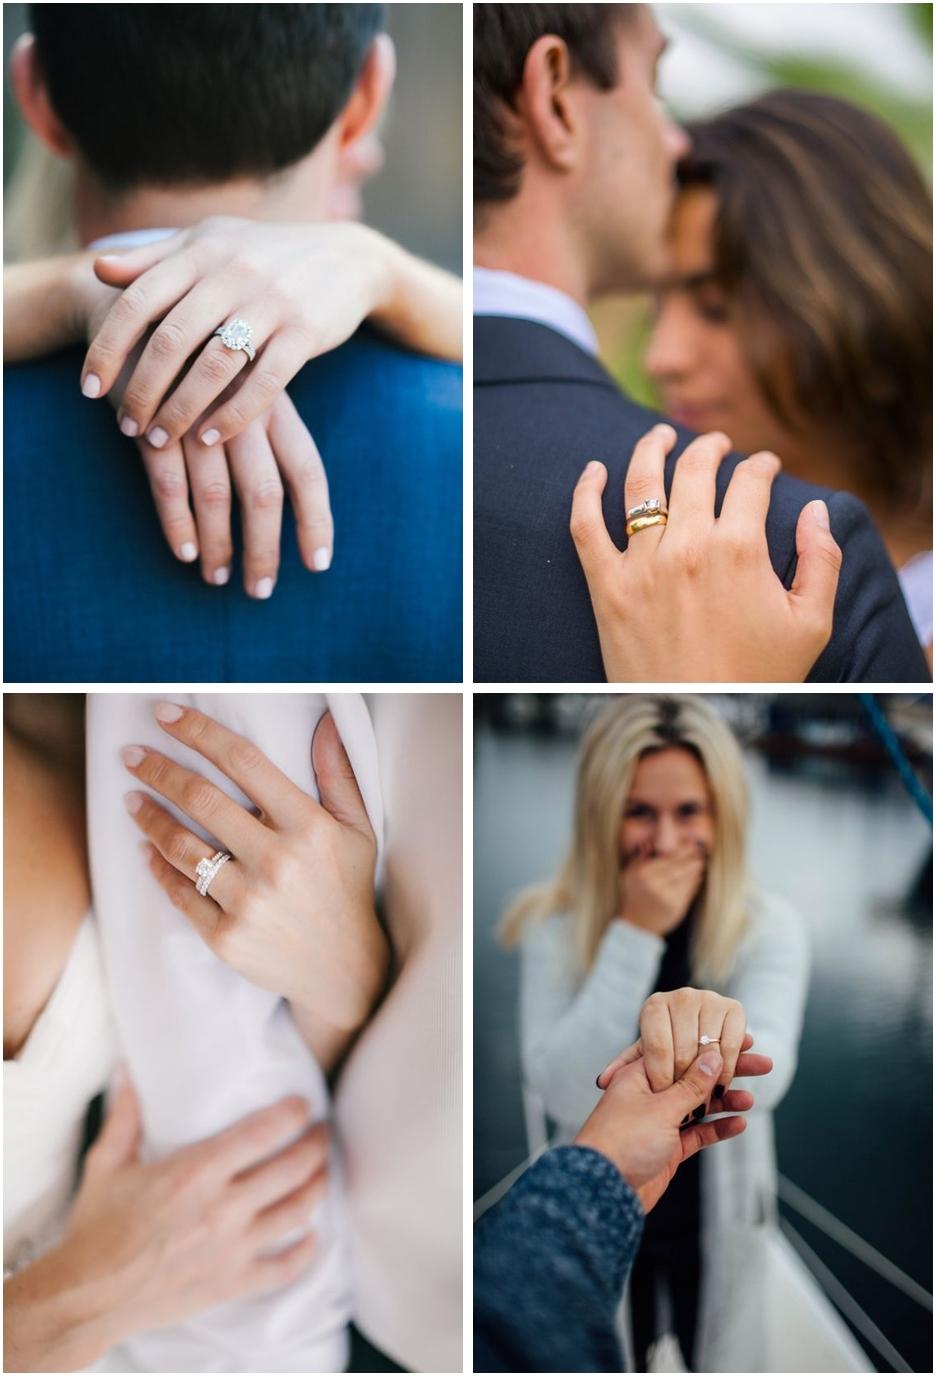 Inspirações de Fotos Pra Anunciar Noivado 02 - Inspirações de Fotos Pra Anunciar Noivado